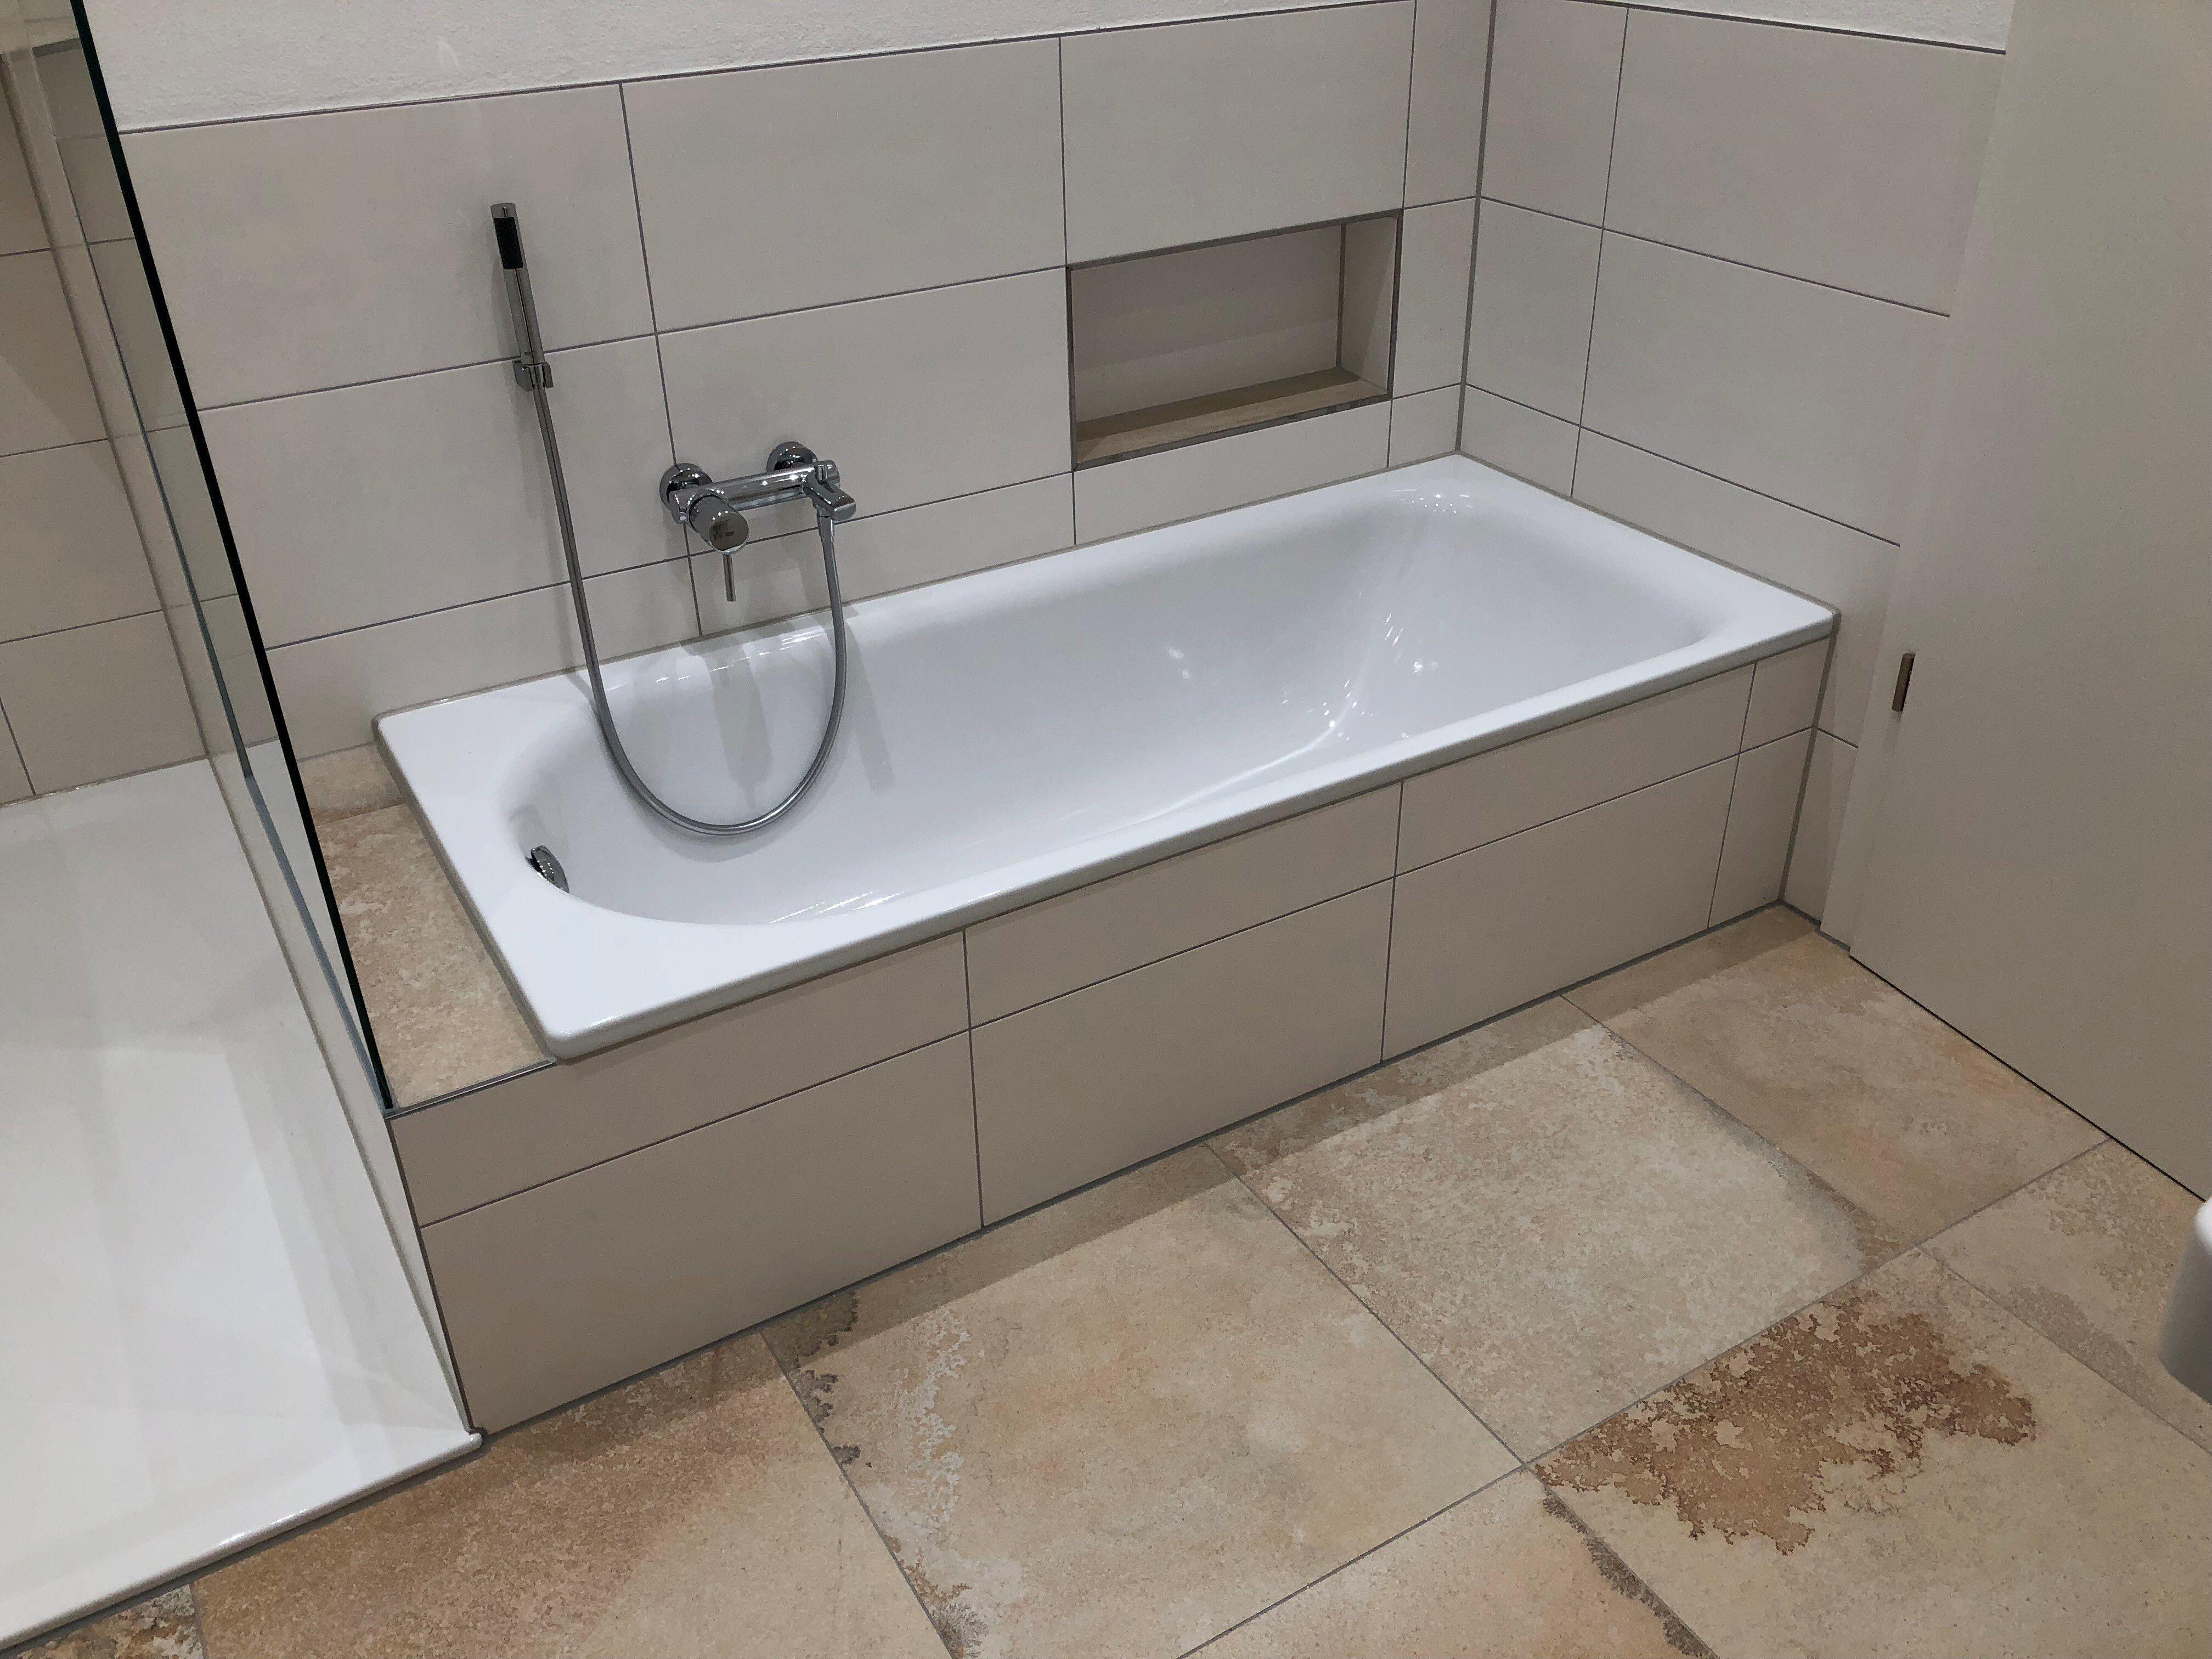 Artiskreativ Designlove Liebezumdetail Architecture Interiordesign Interior Bathroom Badezimmer Shower Dusche Bathtub B Badezimmer Badewanne Dusche